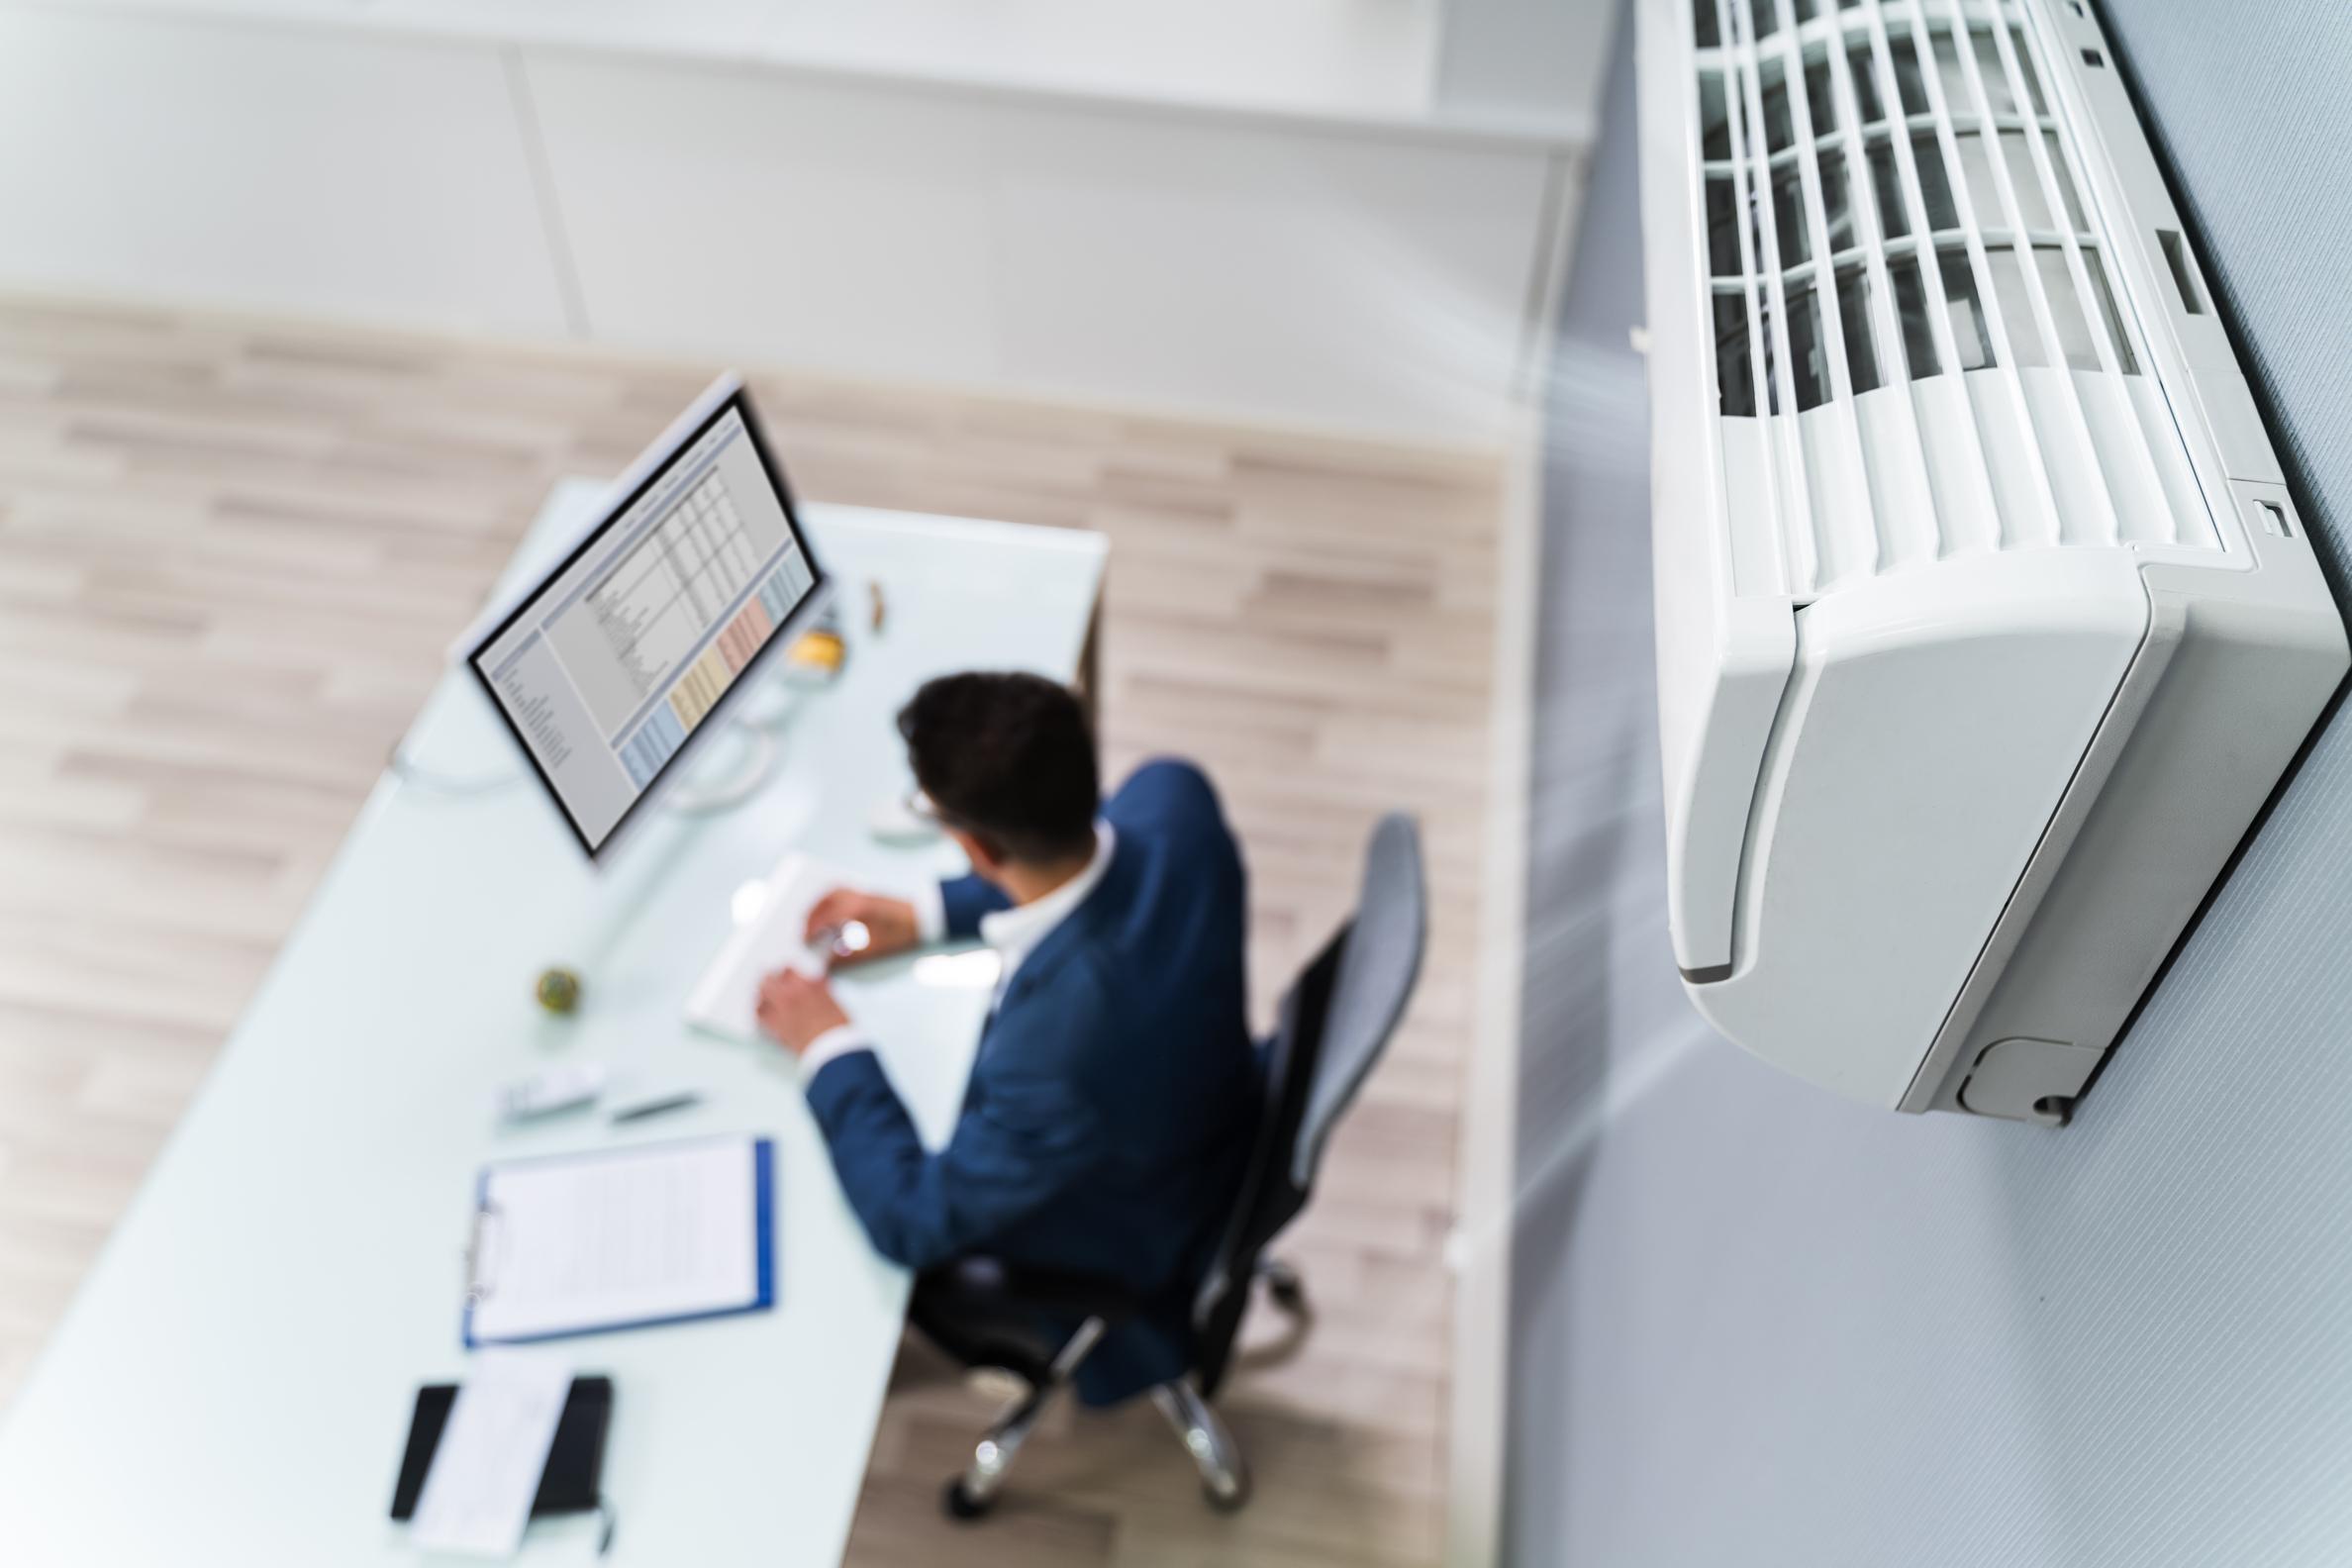 Efektyvus elektros energijos ir šilumos vartojimas vasarą gerokai sumažins išlaidas